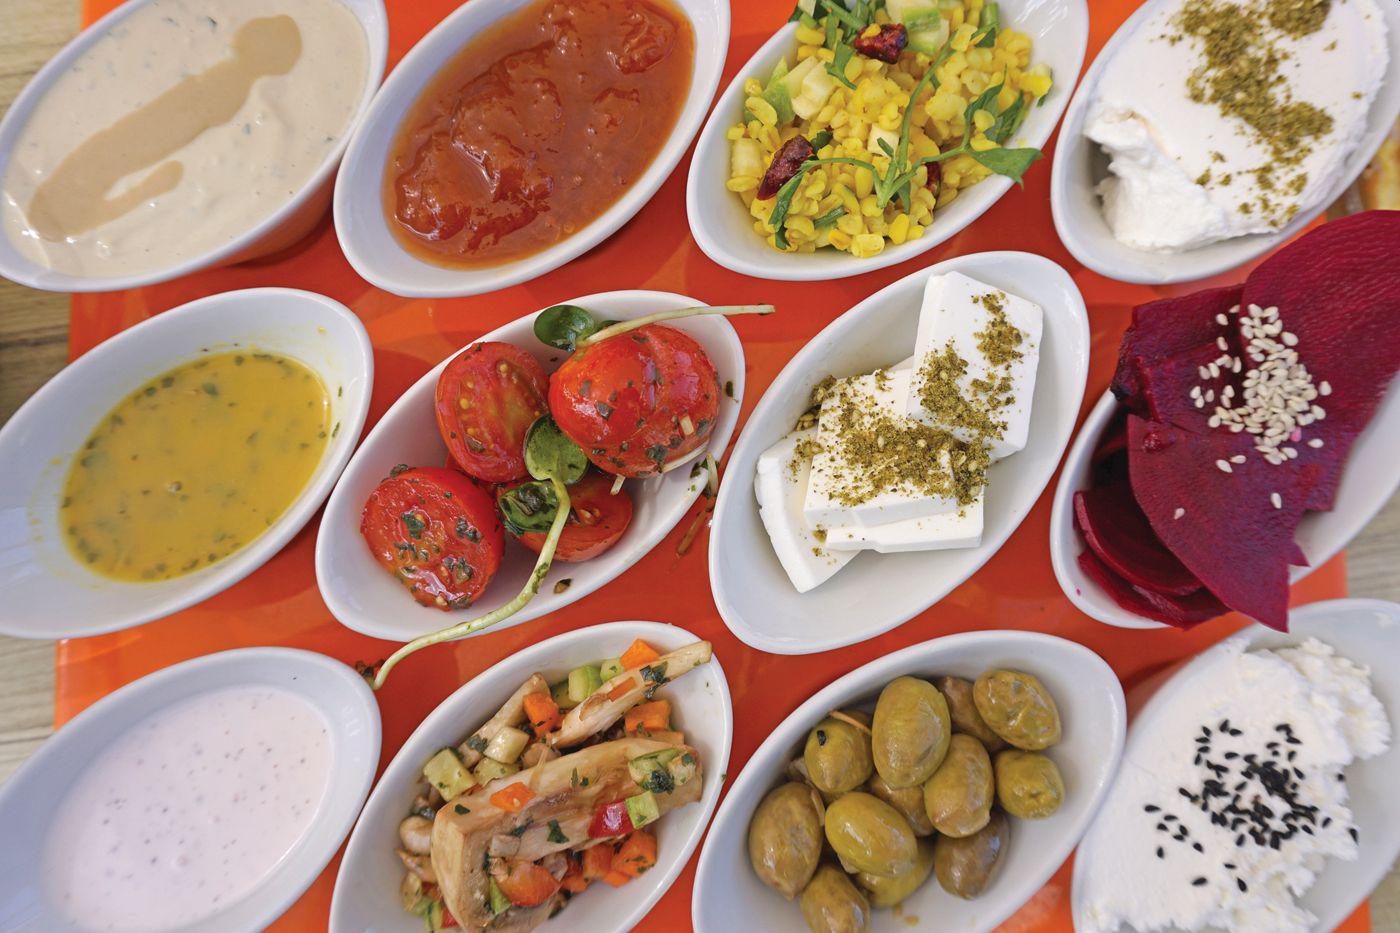 """ארוחת בוקר ב""""סעודה בגן עדן""""  (צילום: צביקה בורג)"""